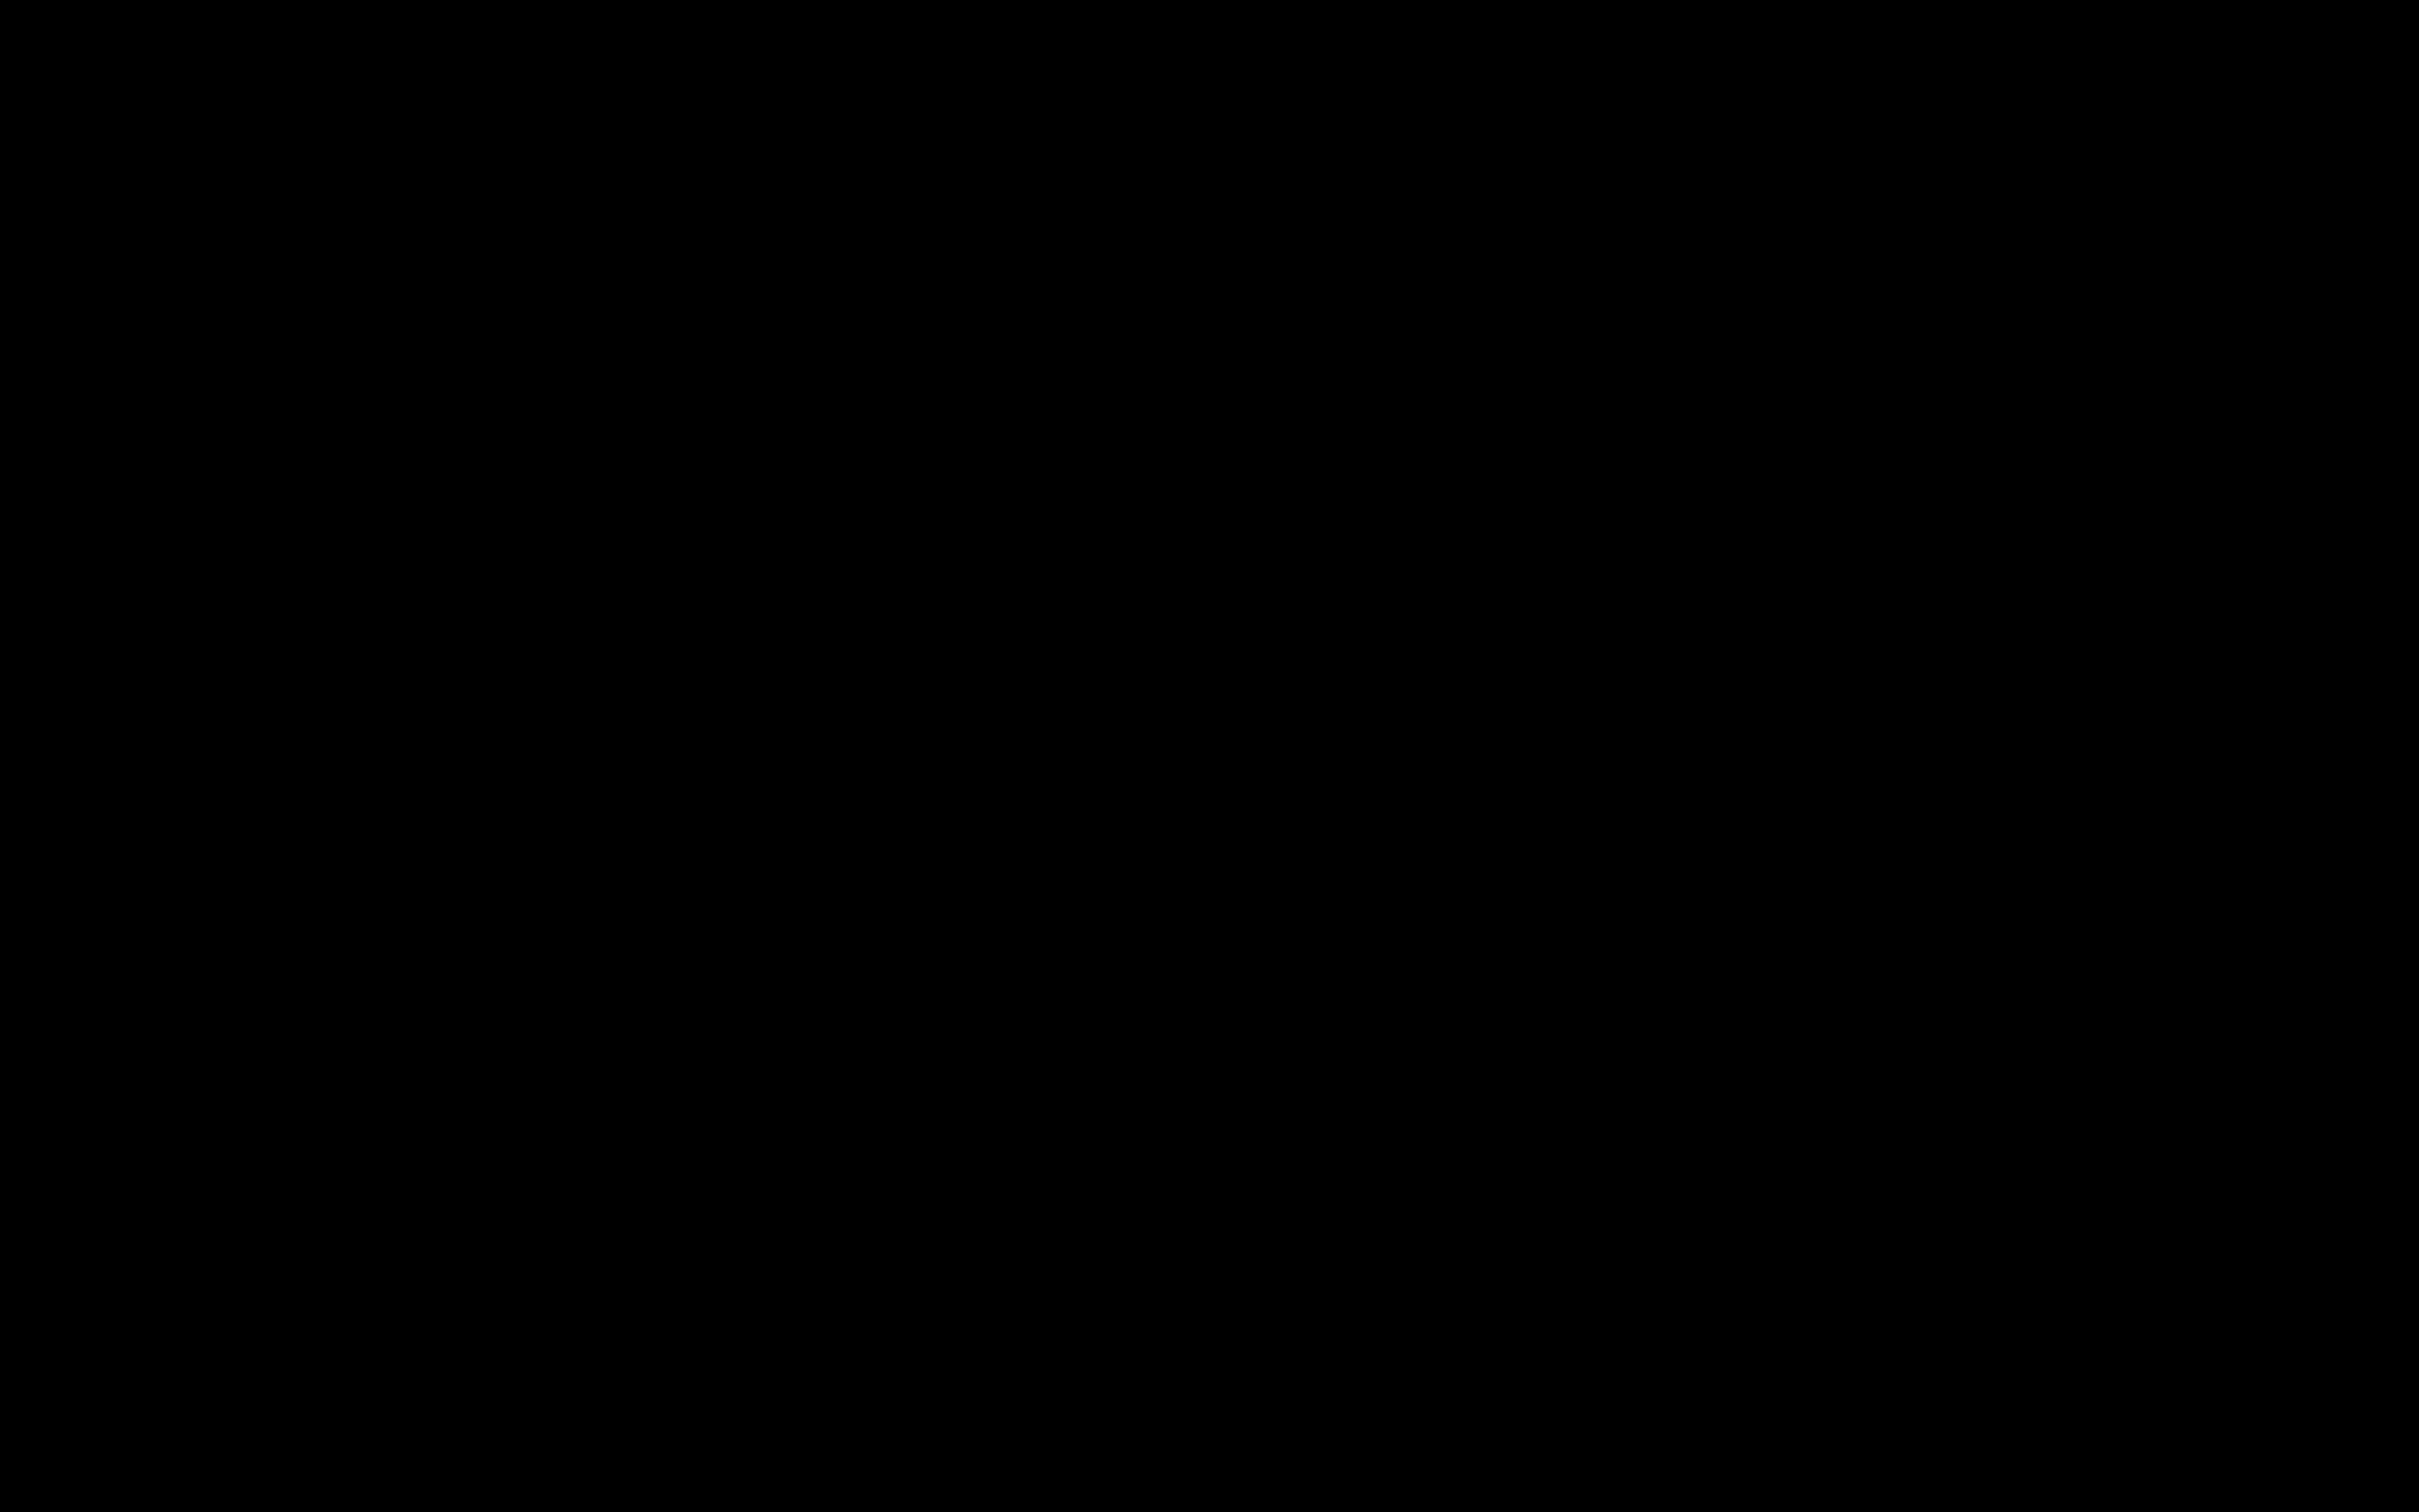 A ruginit frunza din vii - Festival - Concurs International de Muzica Corala editia a VII